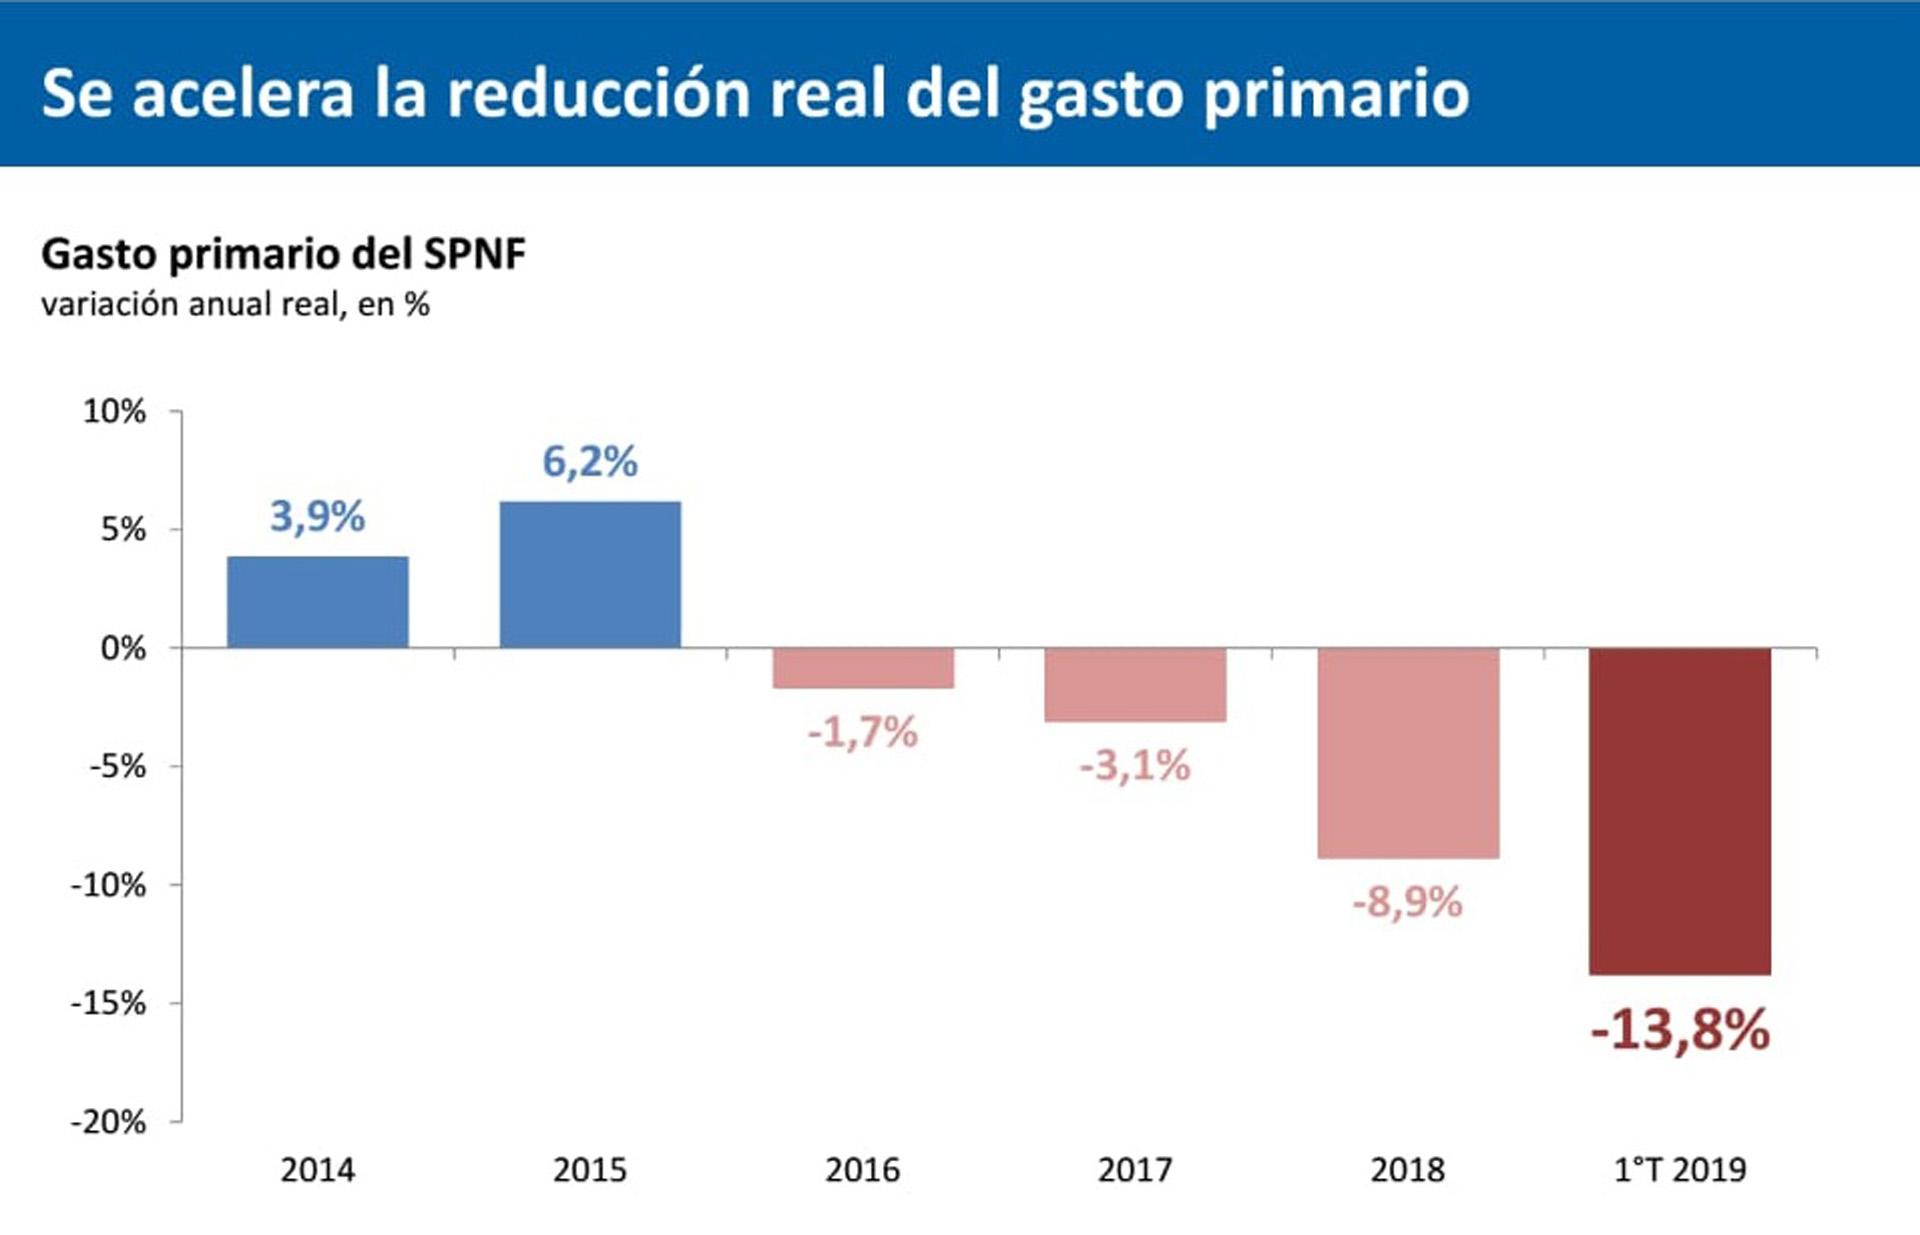 Reducción real del gasto primario